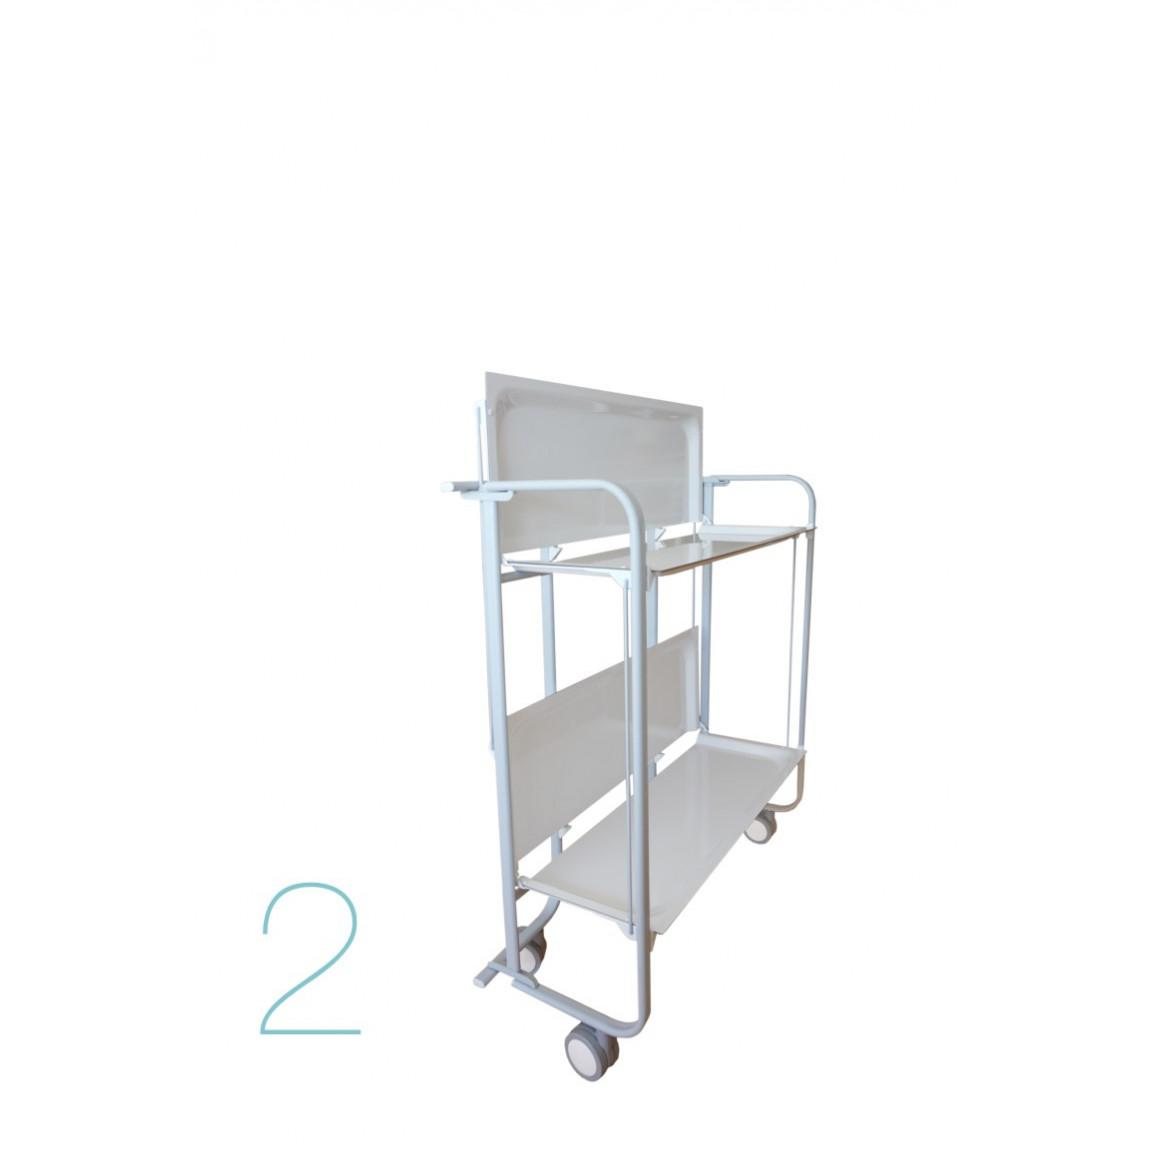 Faltbarer 2-stöckiger Servierwagen | Weiß 85